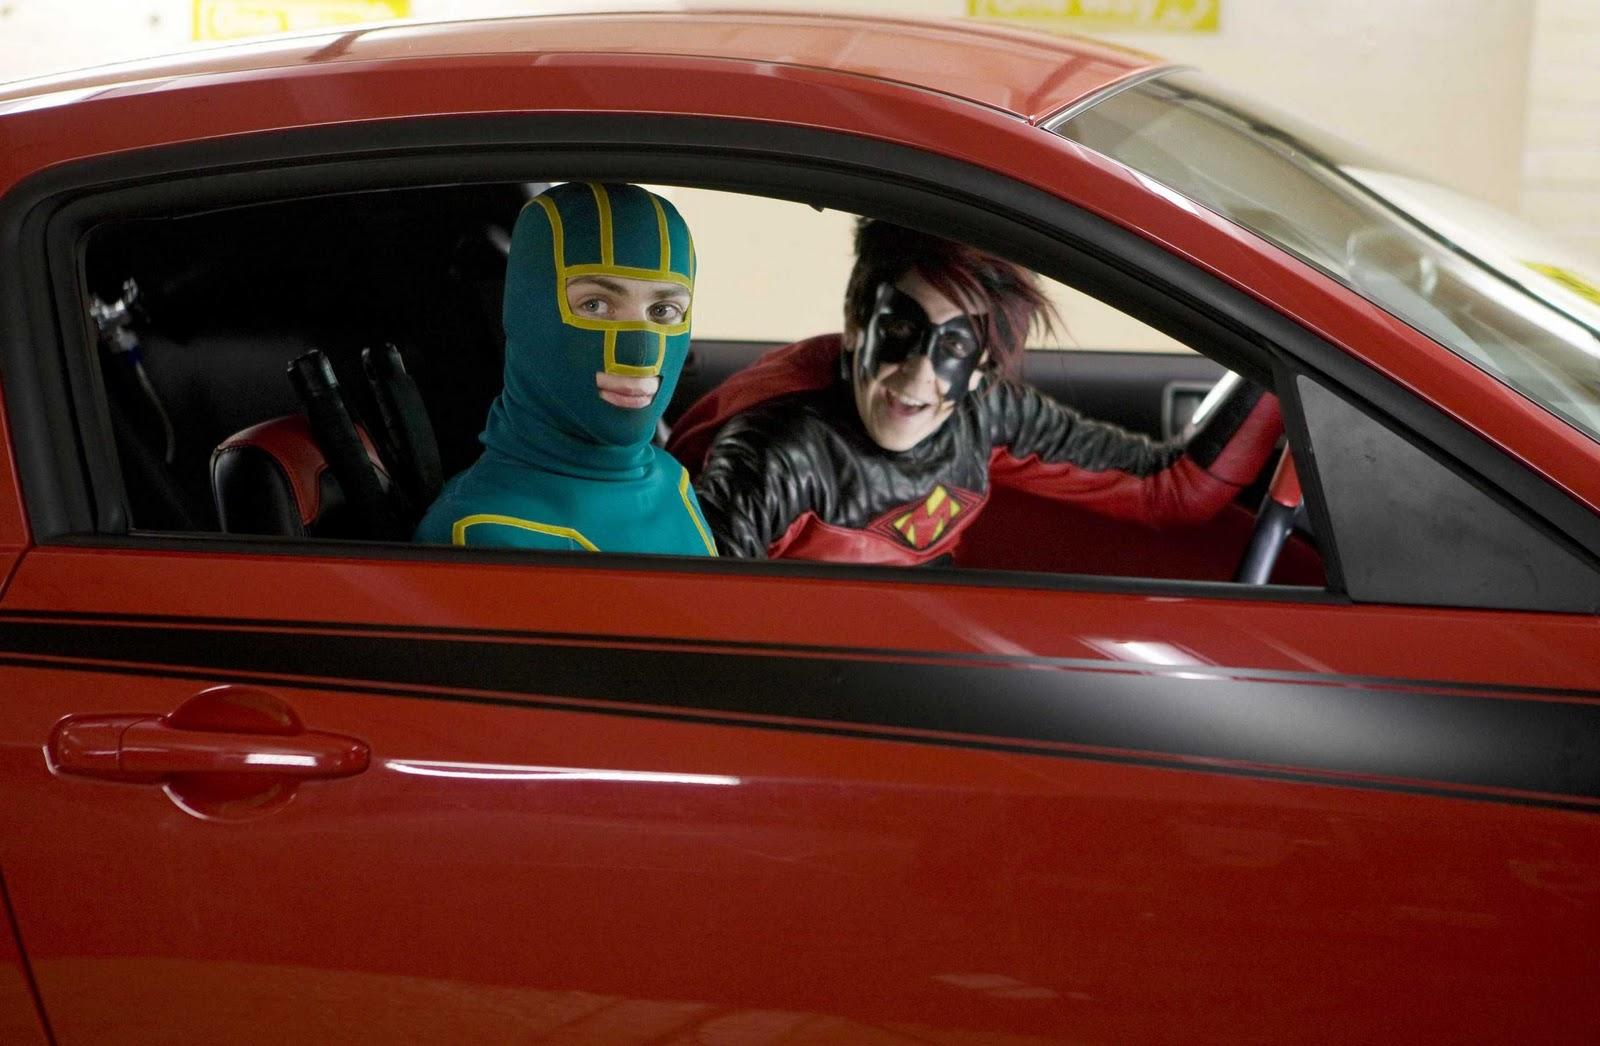 http://2.bp.blogspot.com/_IZZHuq1ijzk/TL11Fe3xU7I/AAAAAAAAAaQ/KJ7cwZEapwI/s1600/2010_kick-ass_007.jpg